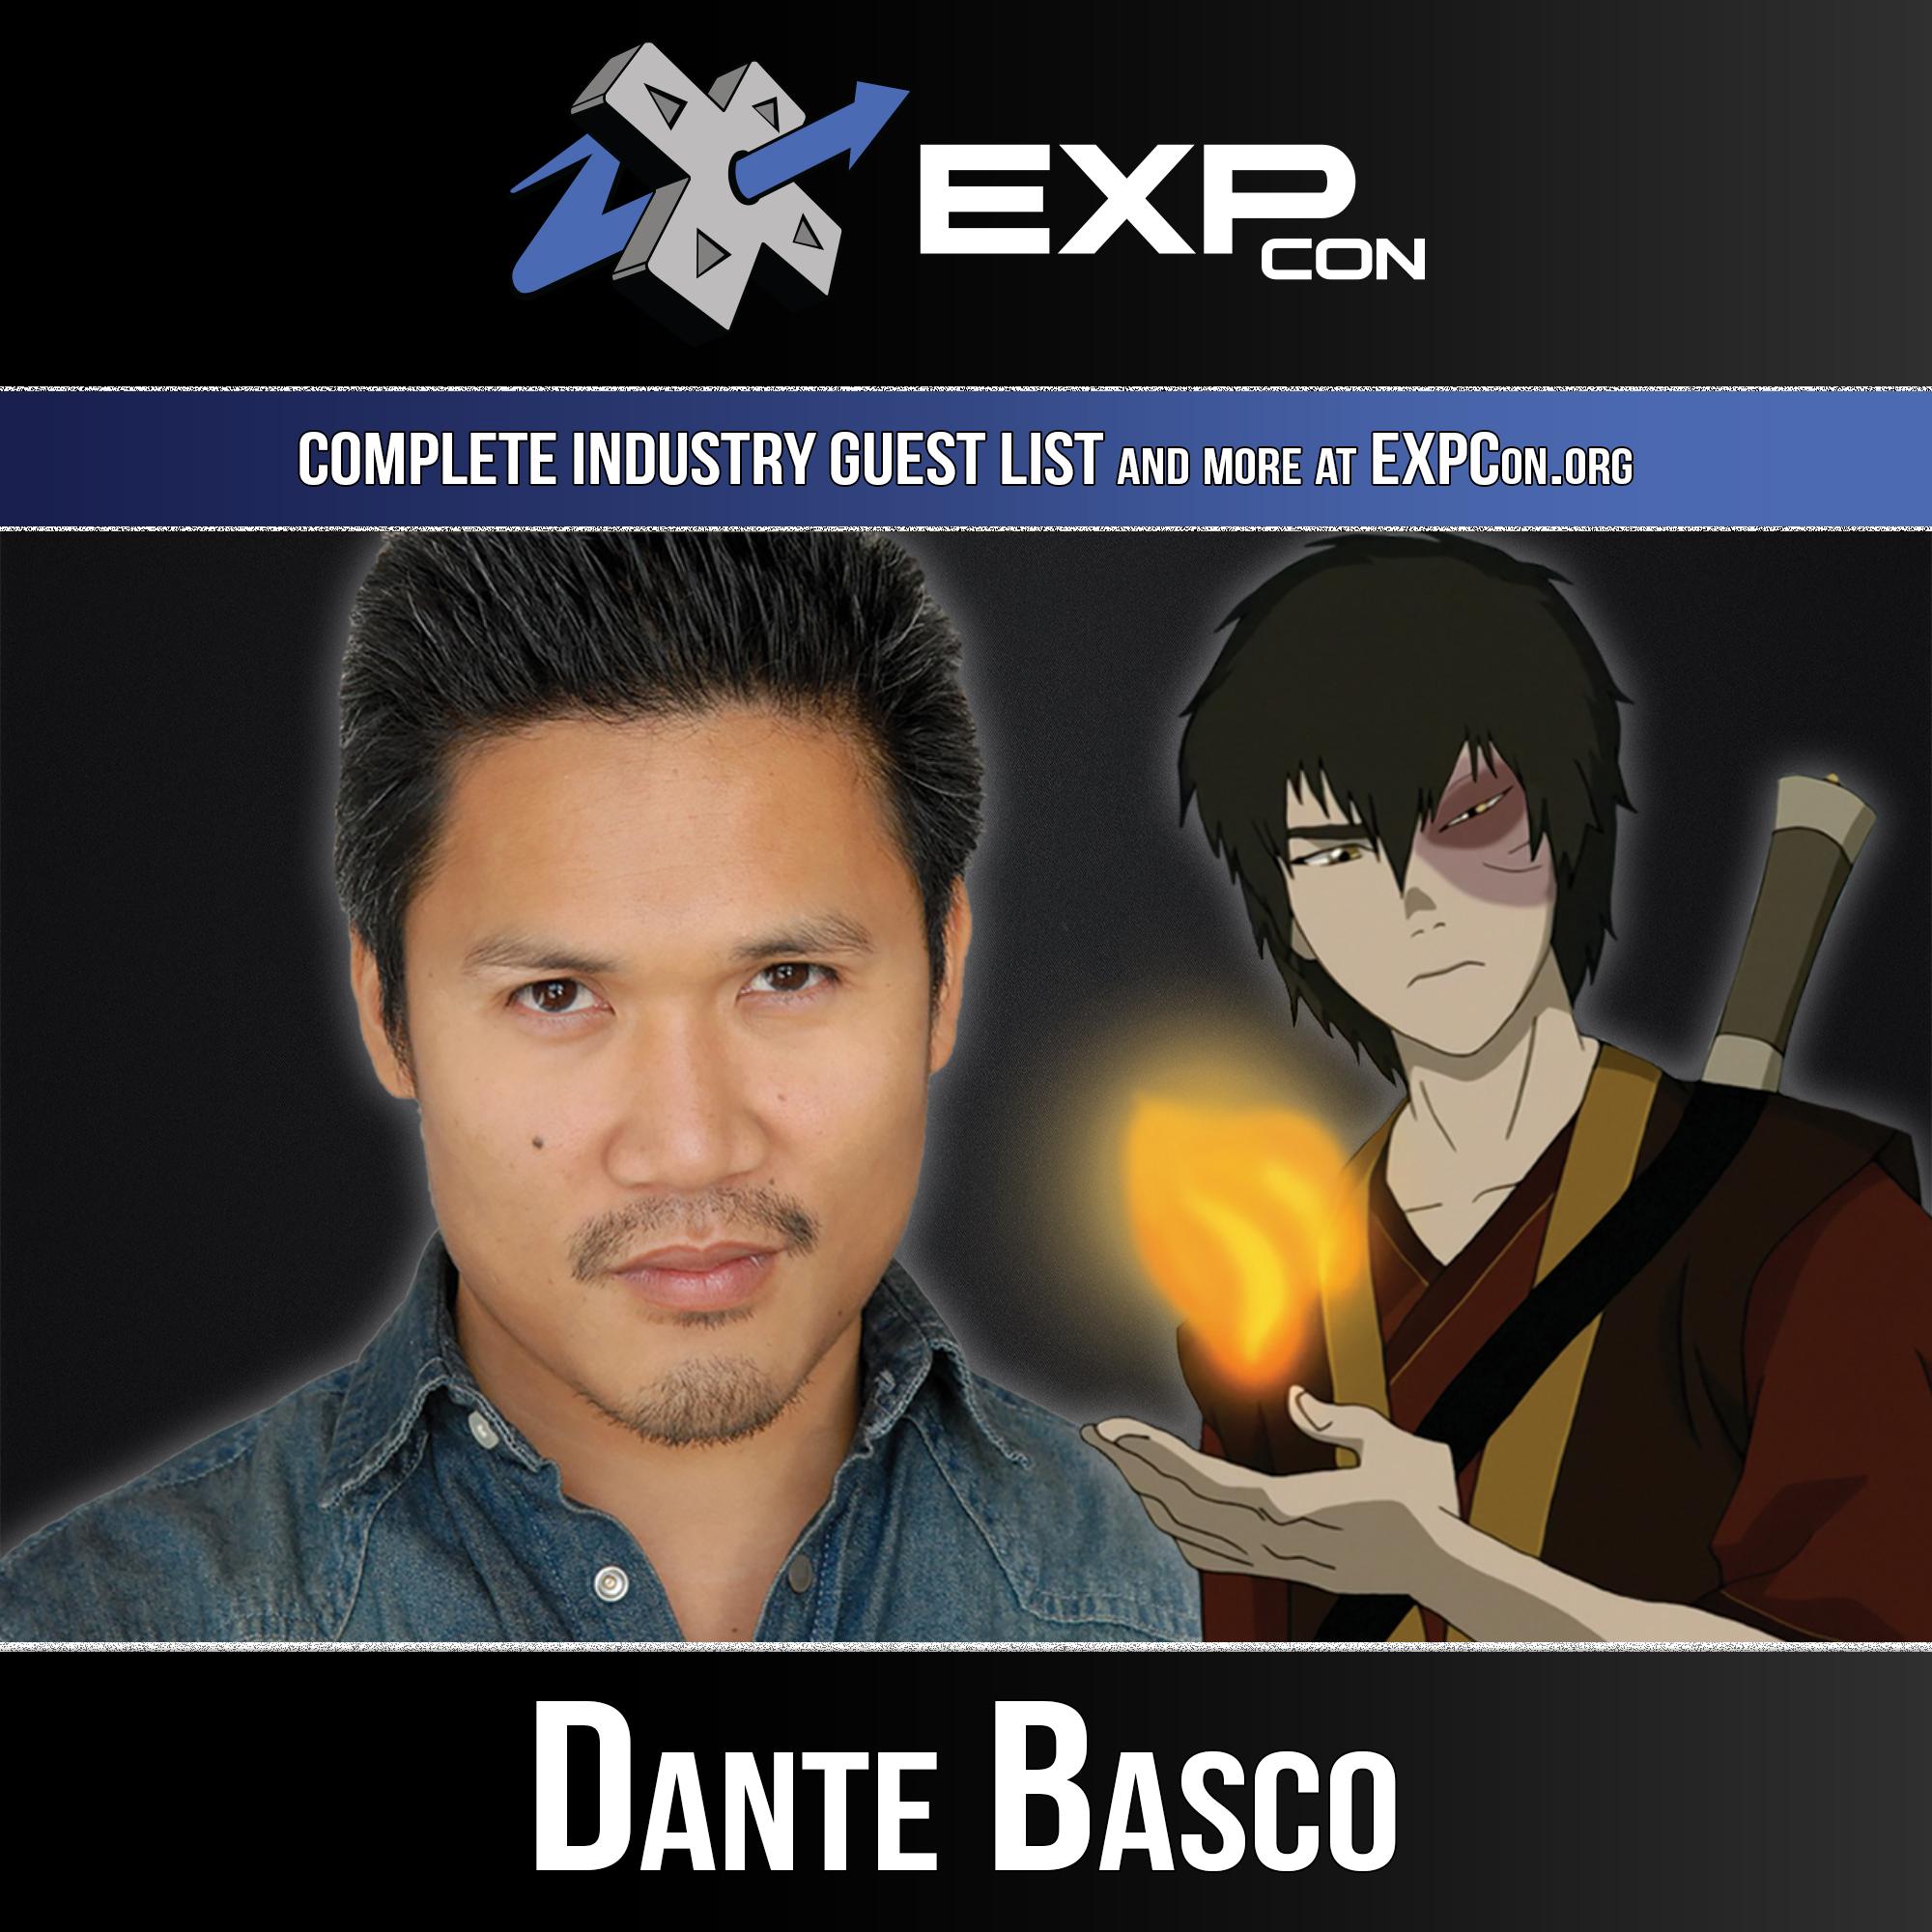 EXP Con 2019 Dante Basco